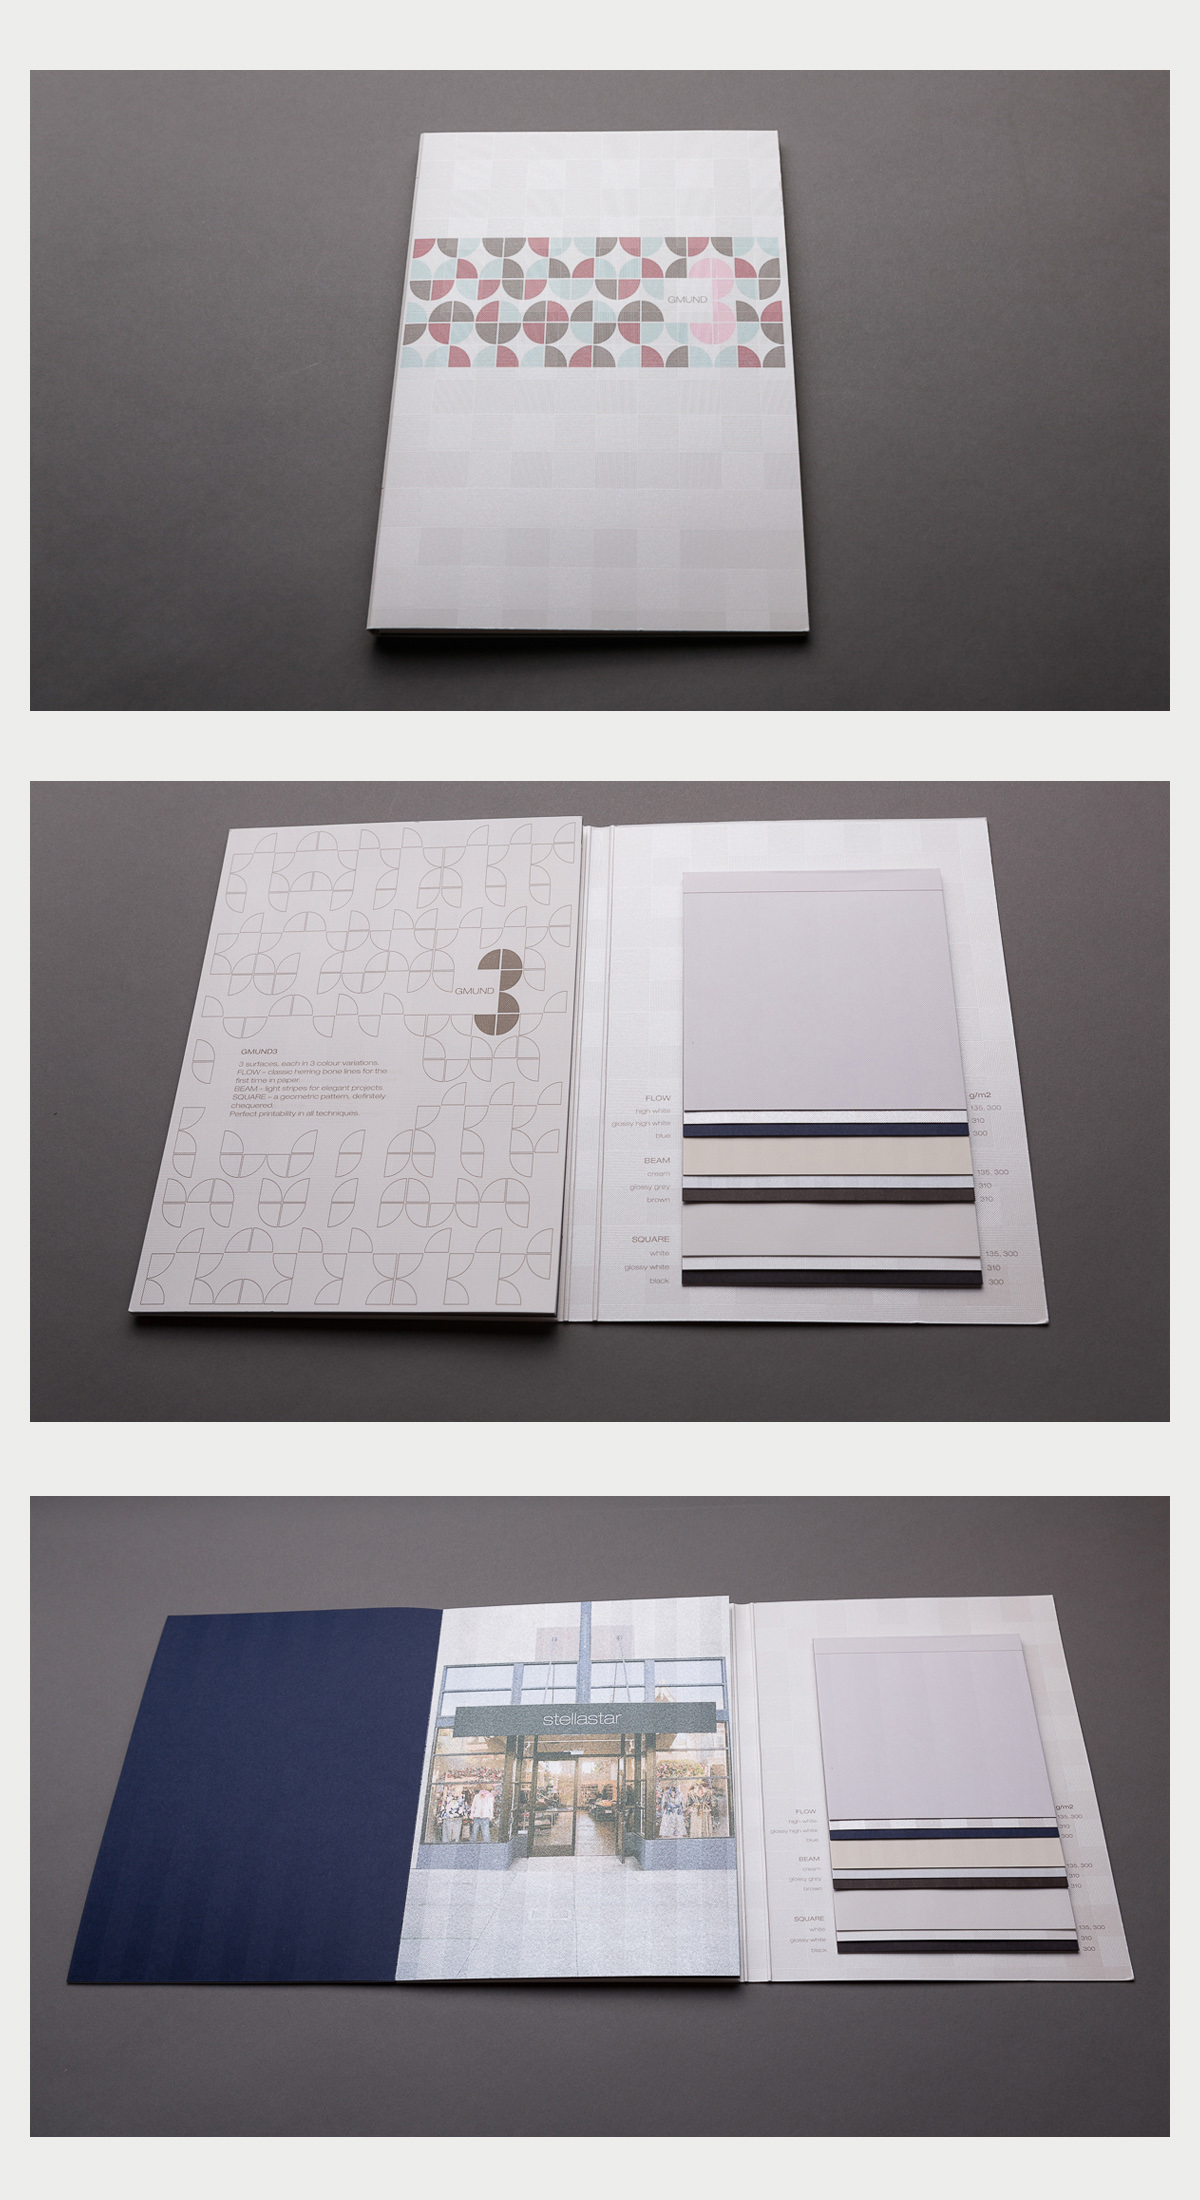 Swatch book of Gmund 3.